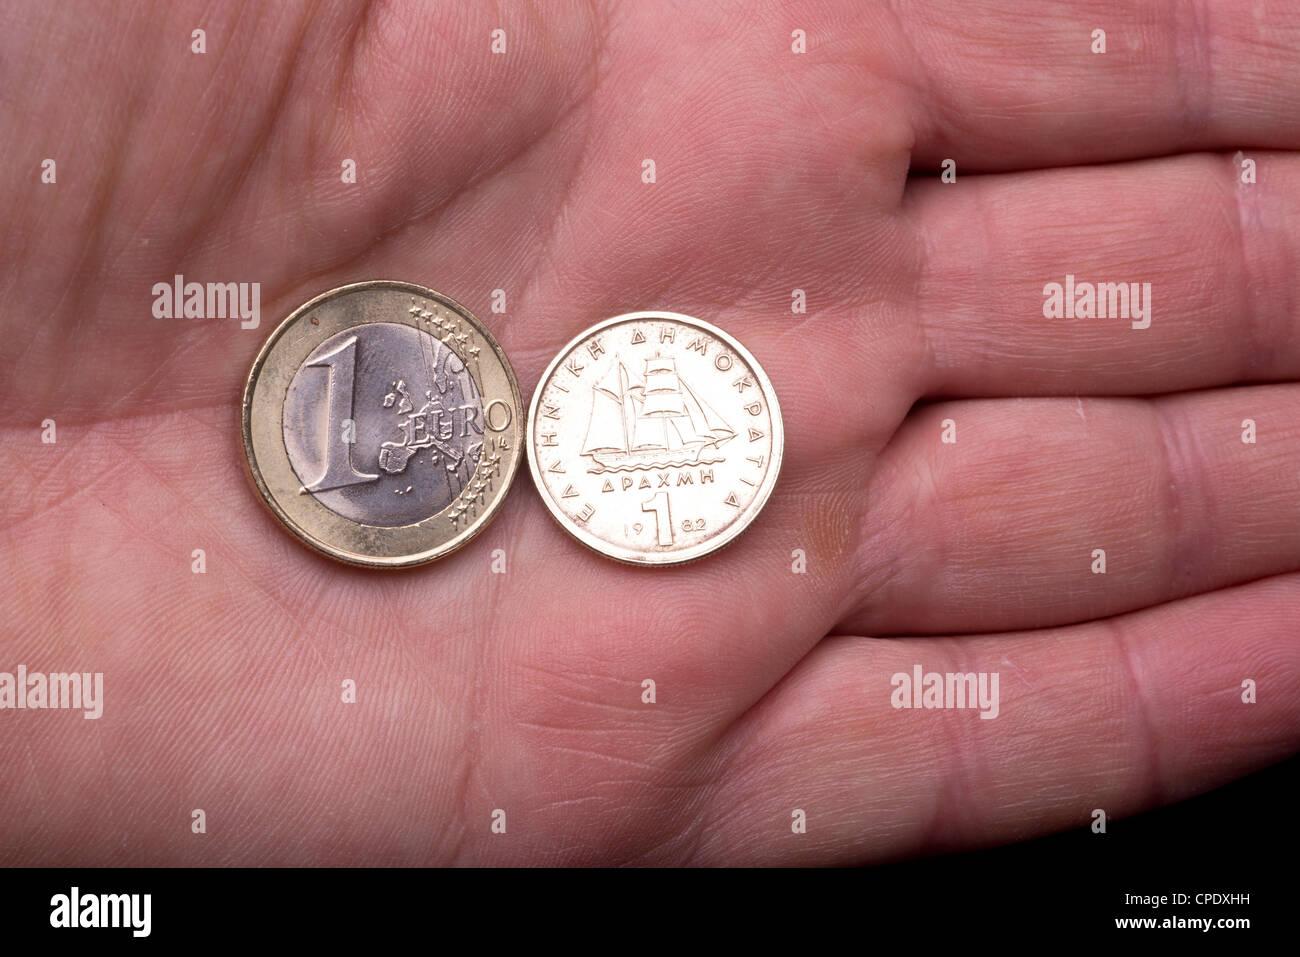 Crisis económica en Grecia, el futuro del euro. El pasaje en moneda dracma. Foto de stock